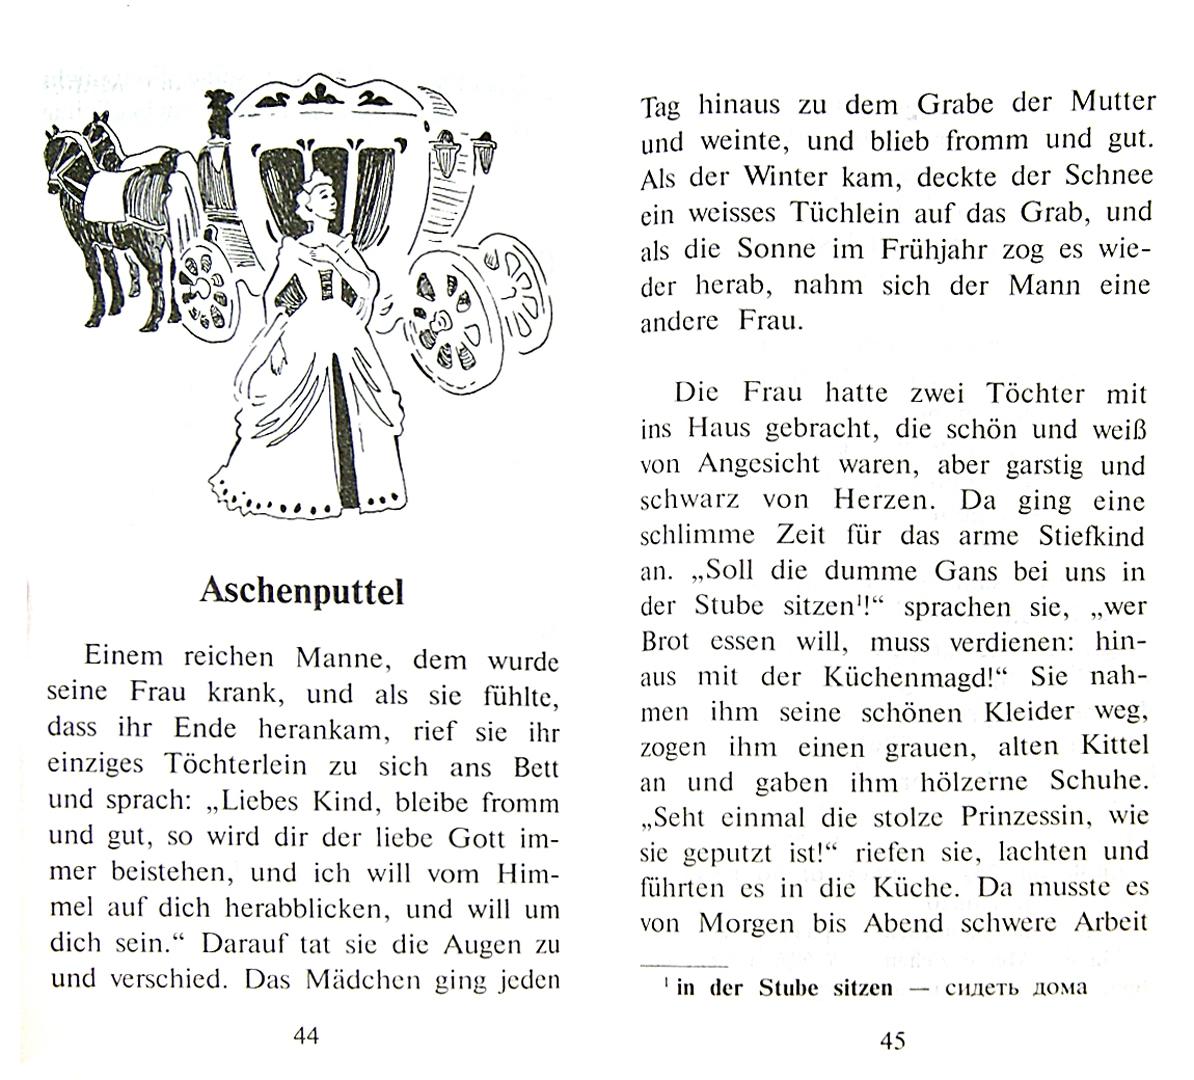 Иллюстрация 1 из 5 для Немецкие сказки=Deutsche Marchen - Гримм Якоб и Вильгельм   Лабиринт - книги. Источник: Лабиринт